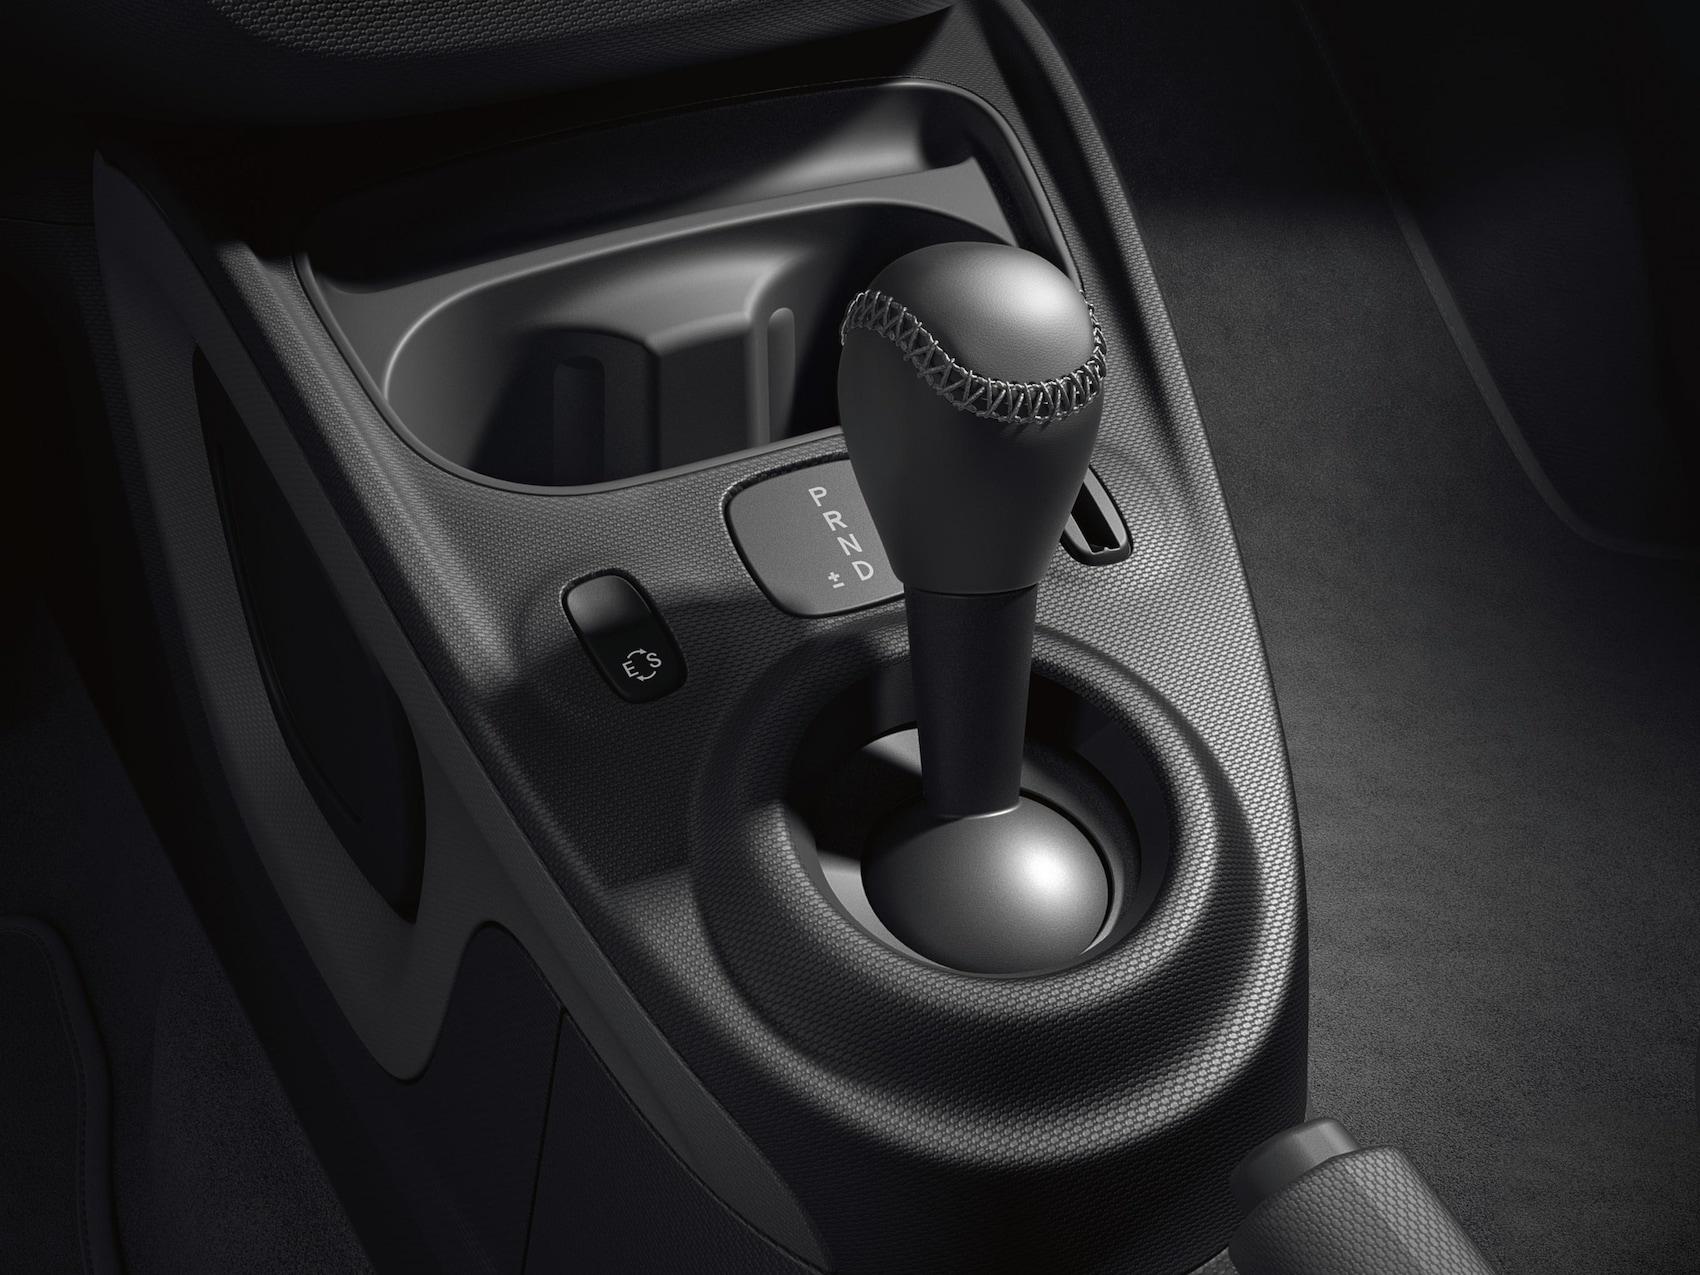 Abbildung zeigt den manuellen Modus des 6-Gang- Dopplungsgetriebe mit twinamic der Modelle von smart.